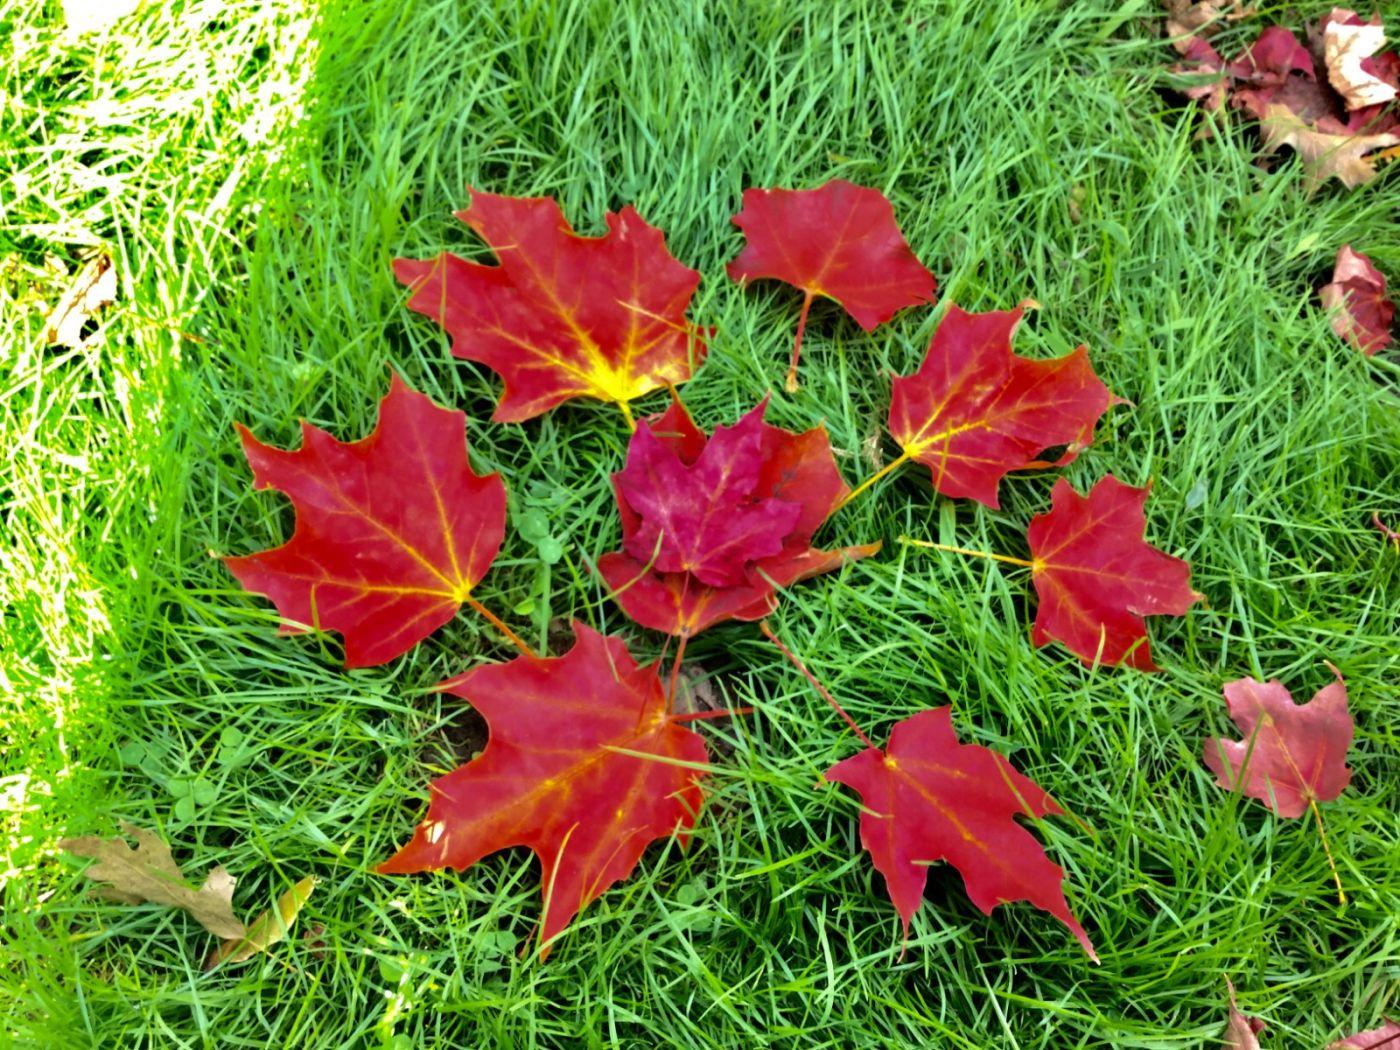 枫叶红了_图1-17